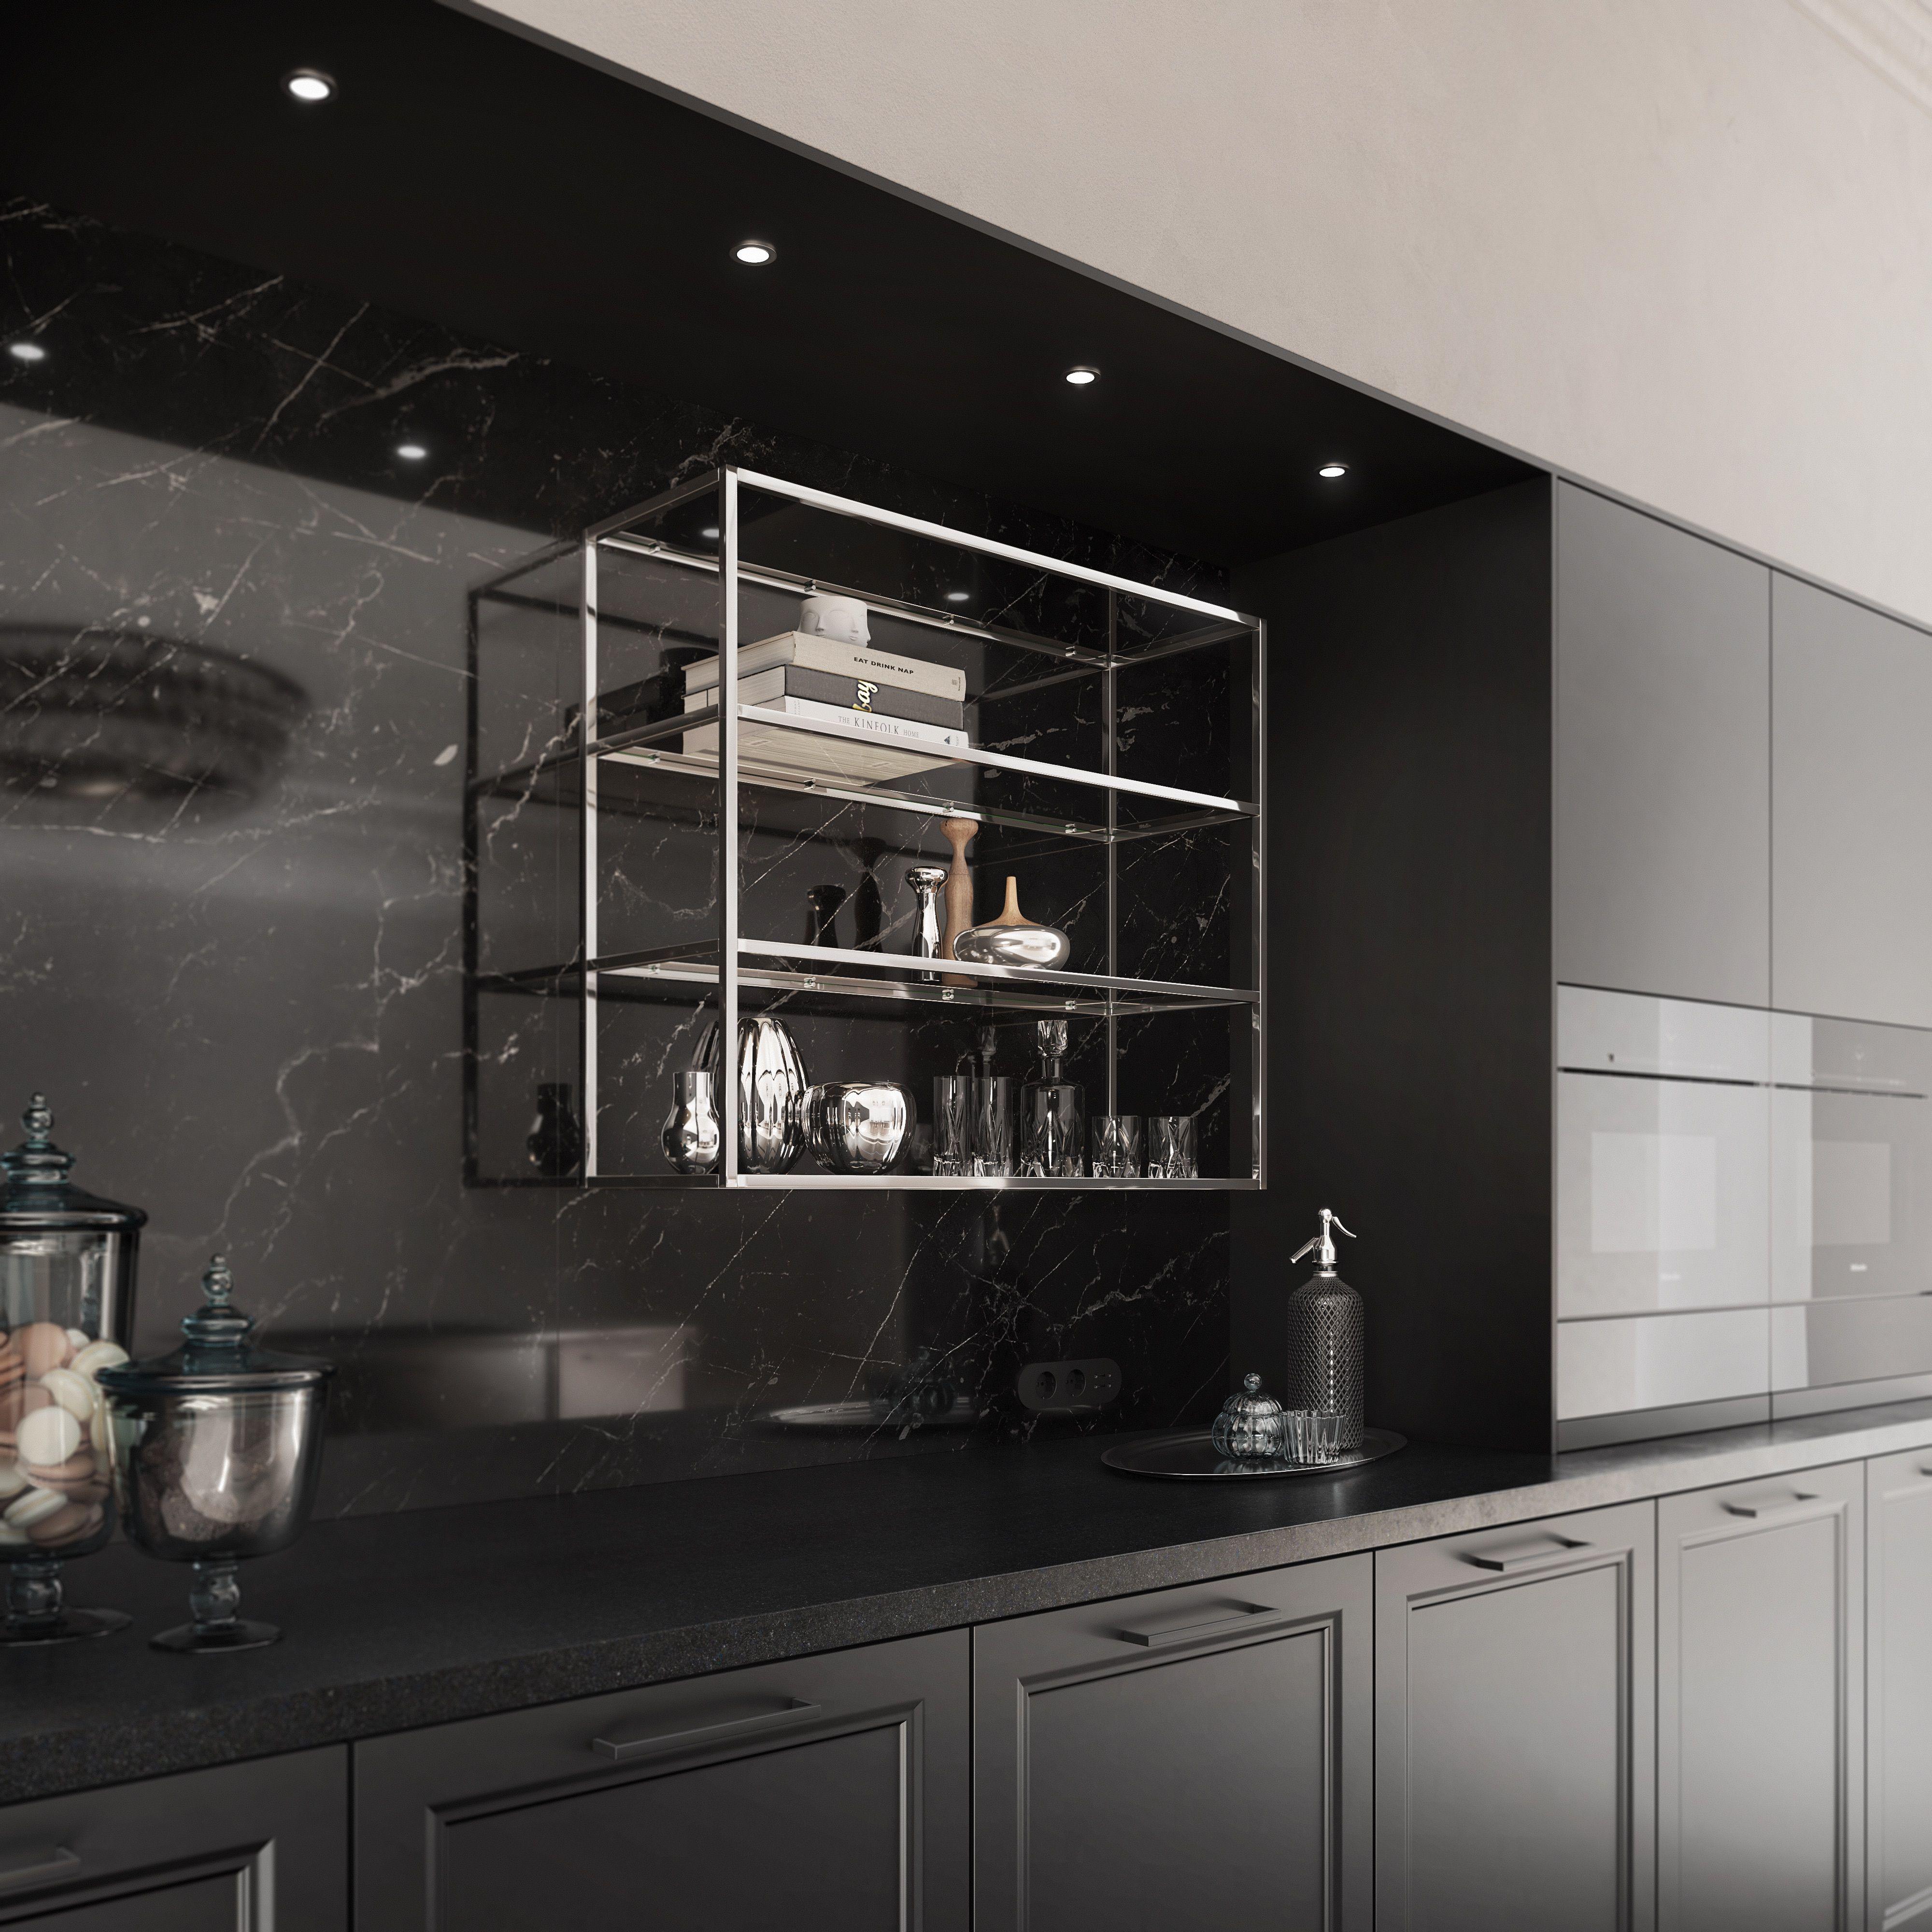 glass metal shelves in 2020   küchen design, küchendesign, küche